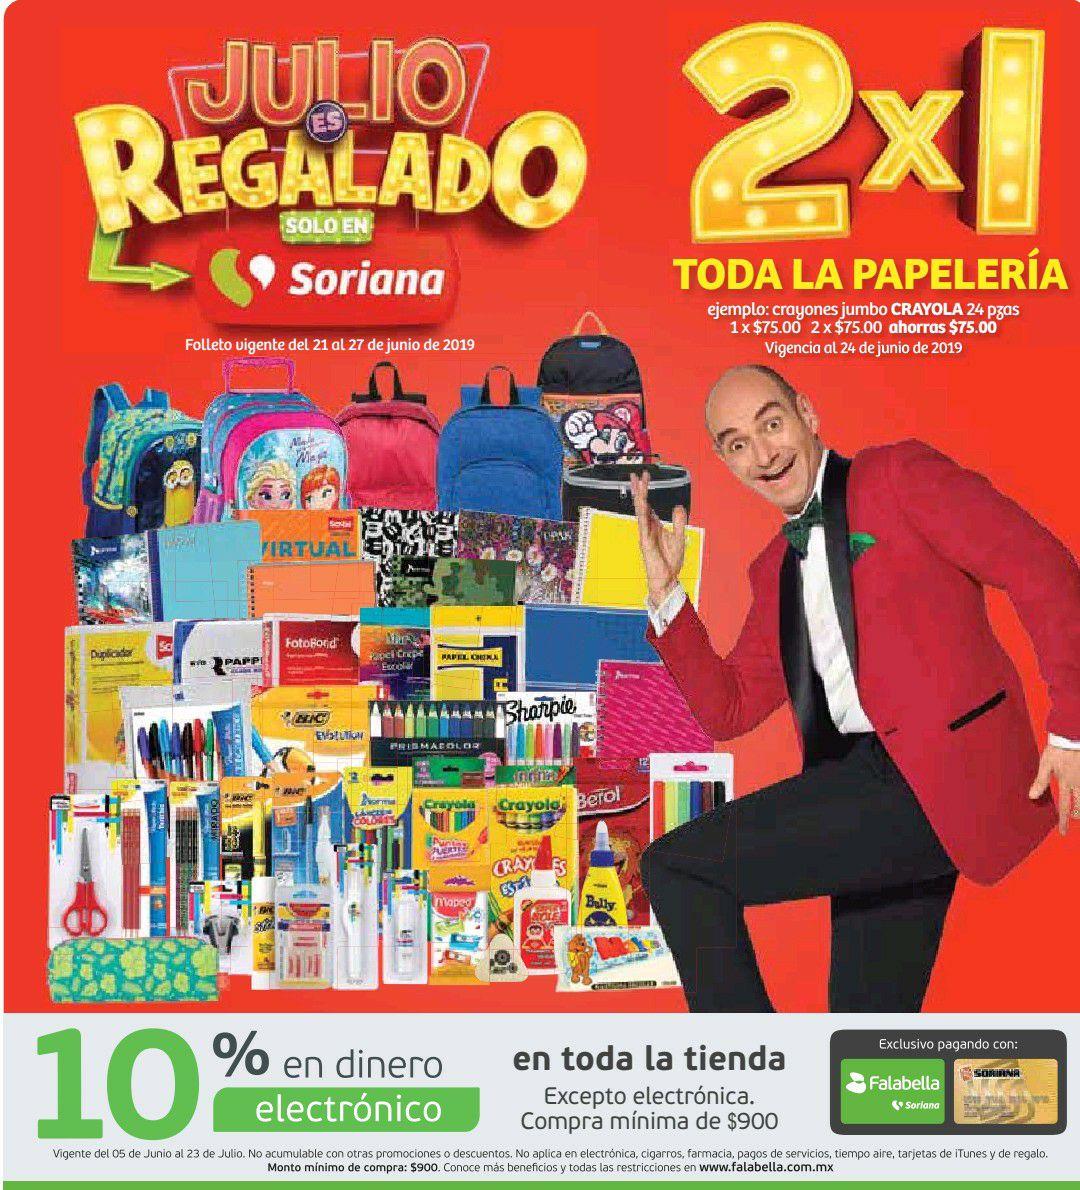 Julio Regalado 2019: Tercer Folleto de Julio Regalado en Soriana Hiper y Mega del 21 al 27 de Junio